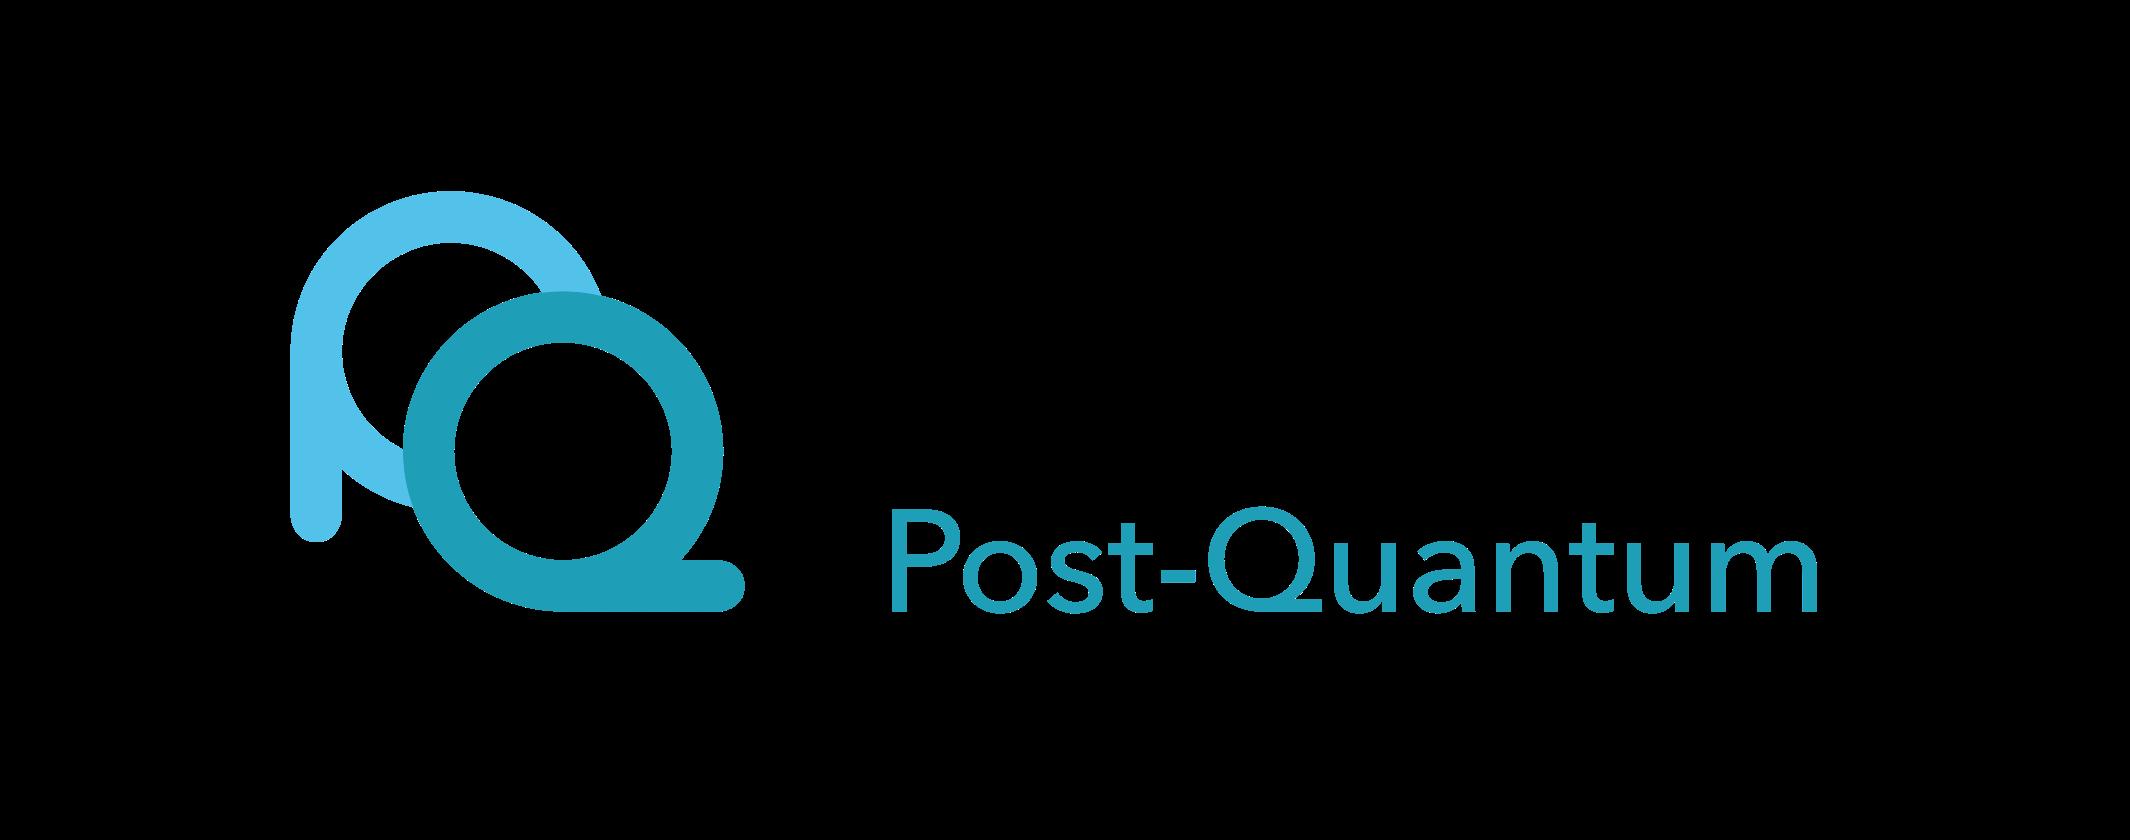 Post-Quantum Quantum-Resistant Encyption